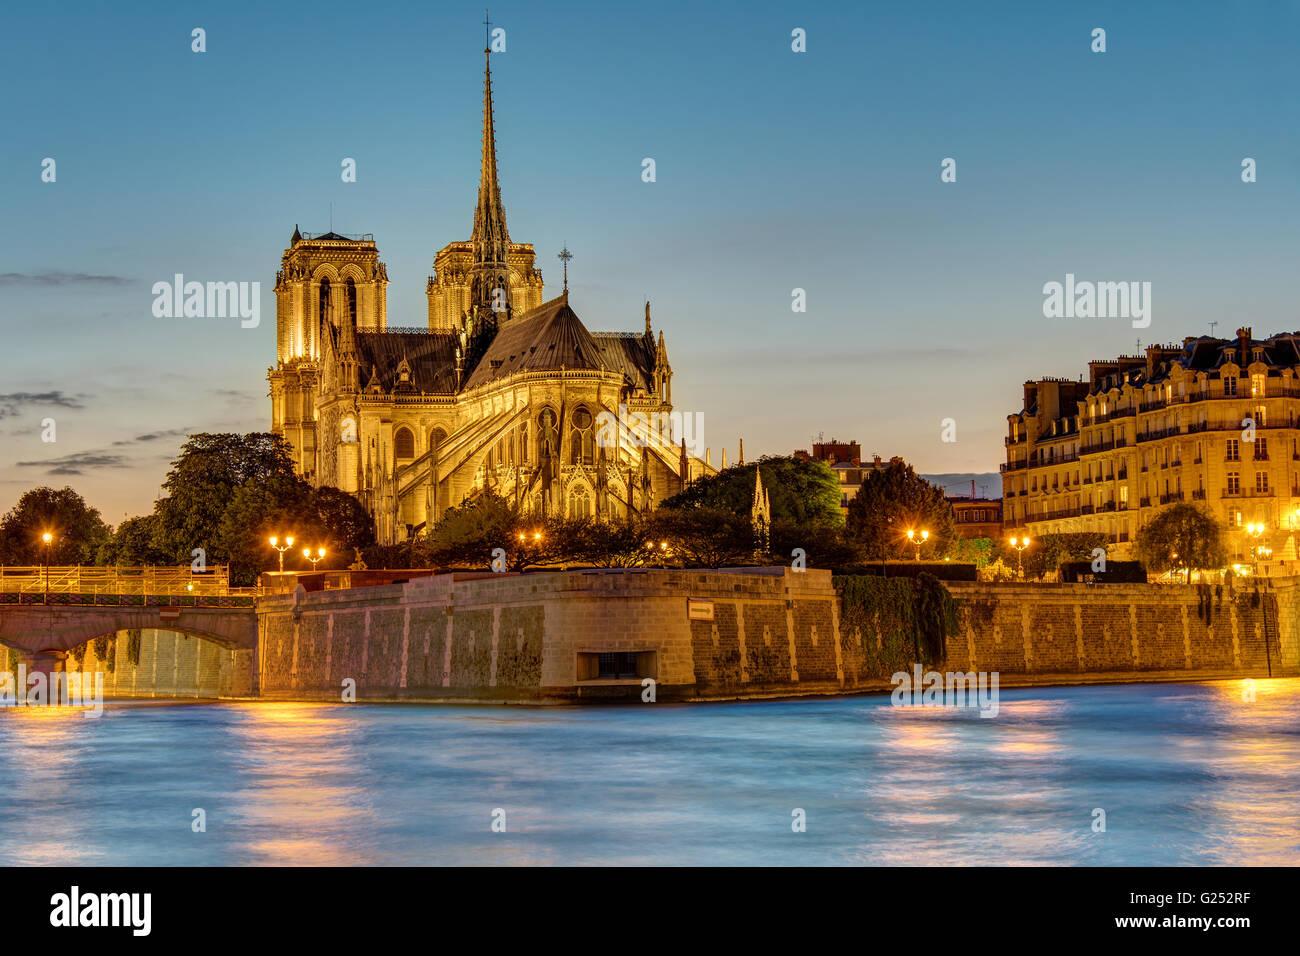 La famosa cattedrale di Notre Dame a Parigi all'alba Immagini Stock